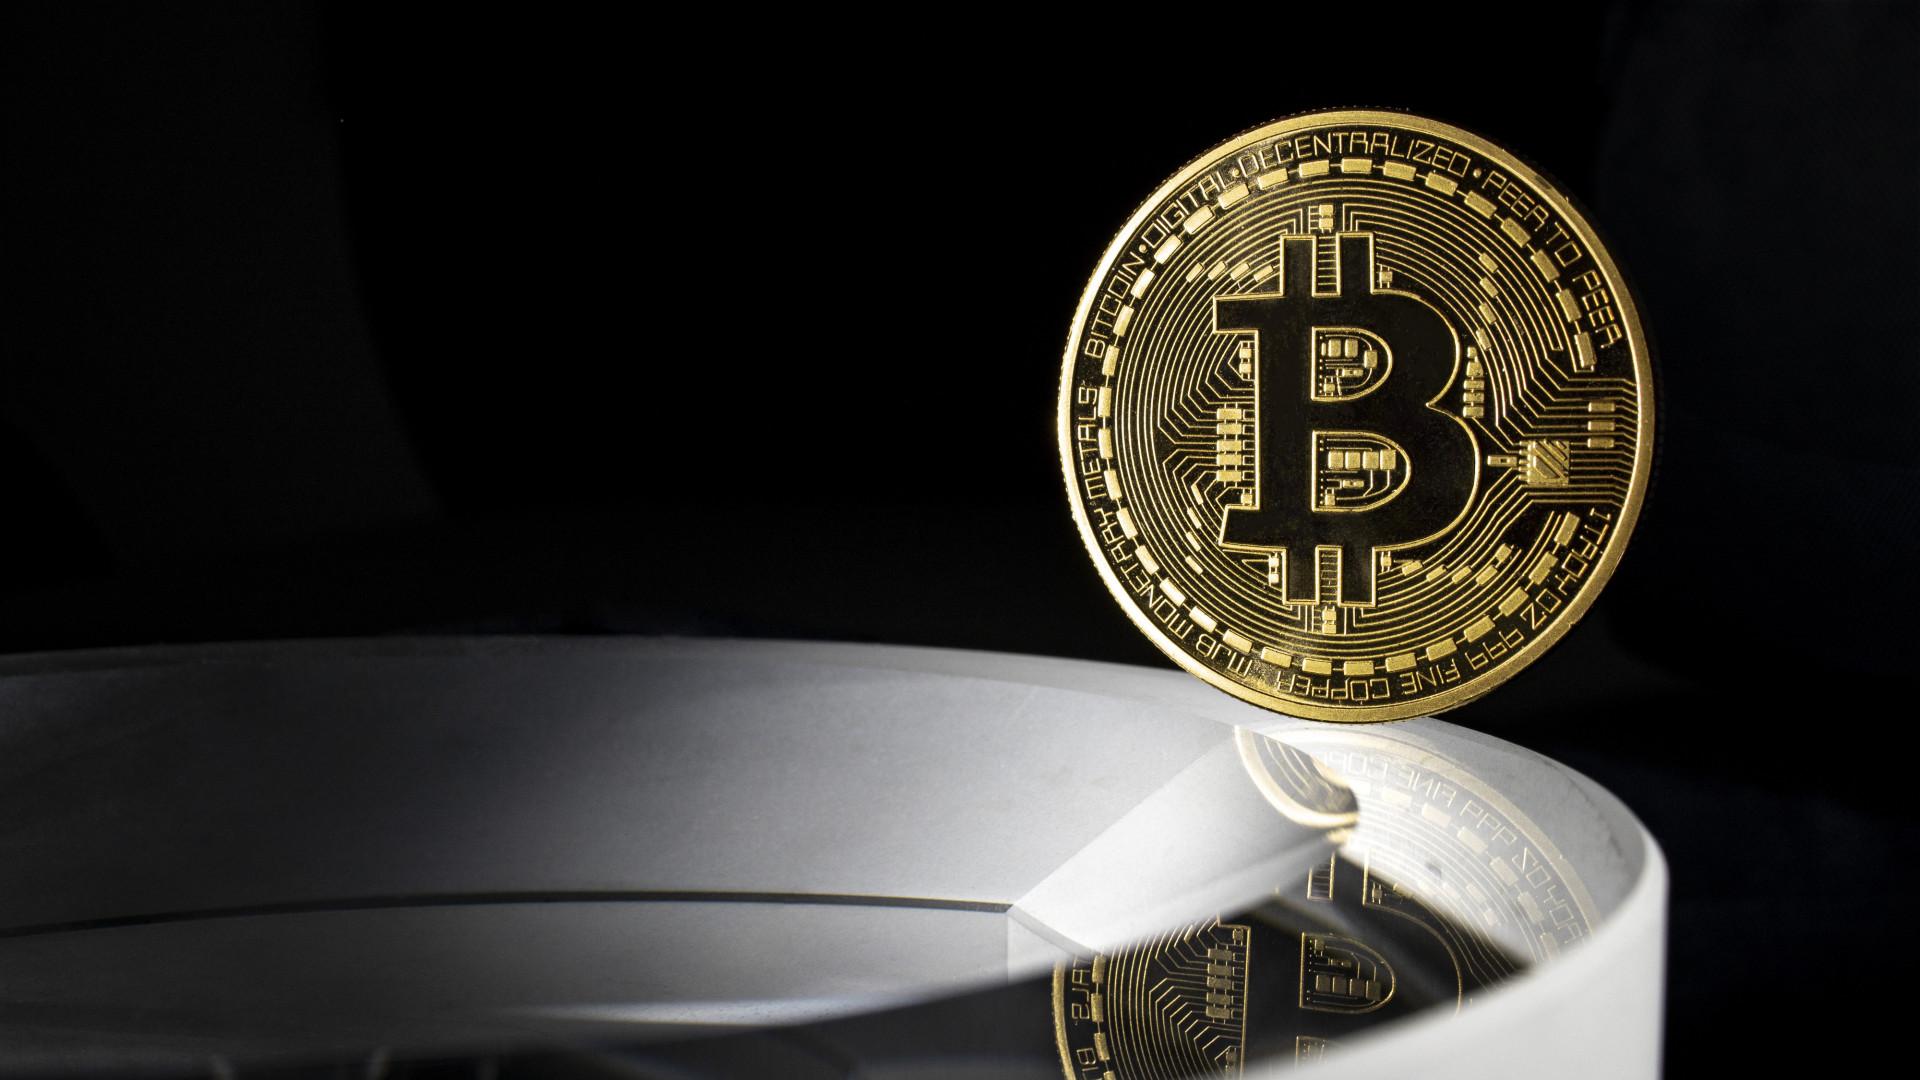 Bitcoin hírek minden nap - Hogy ne maradj le semmiről | BitcoinBázis